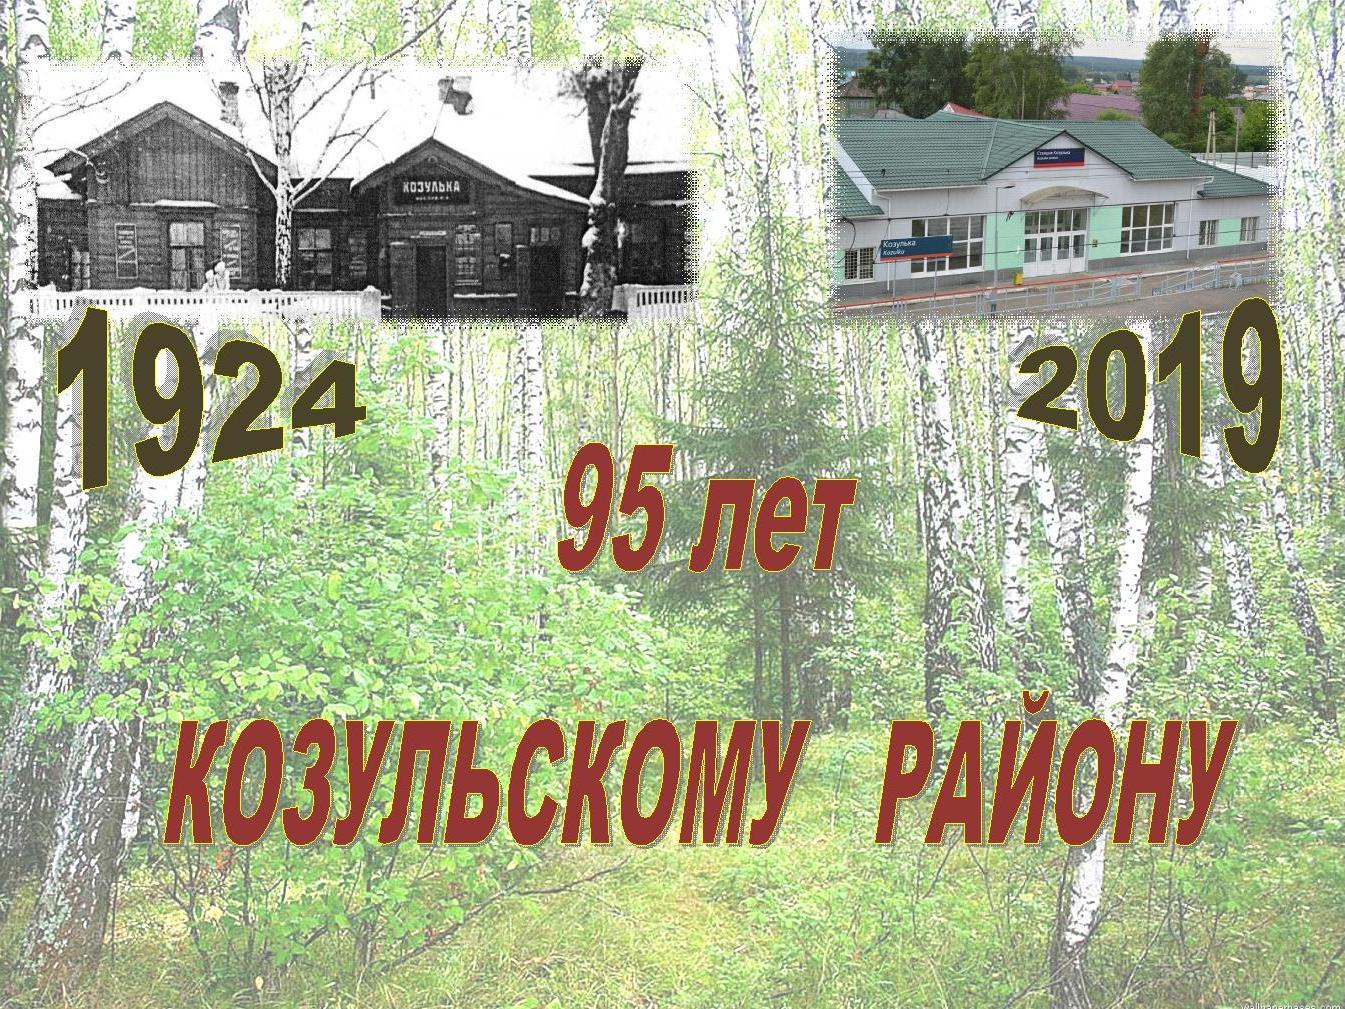 95 лет Козульскому району